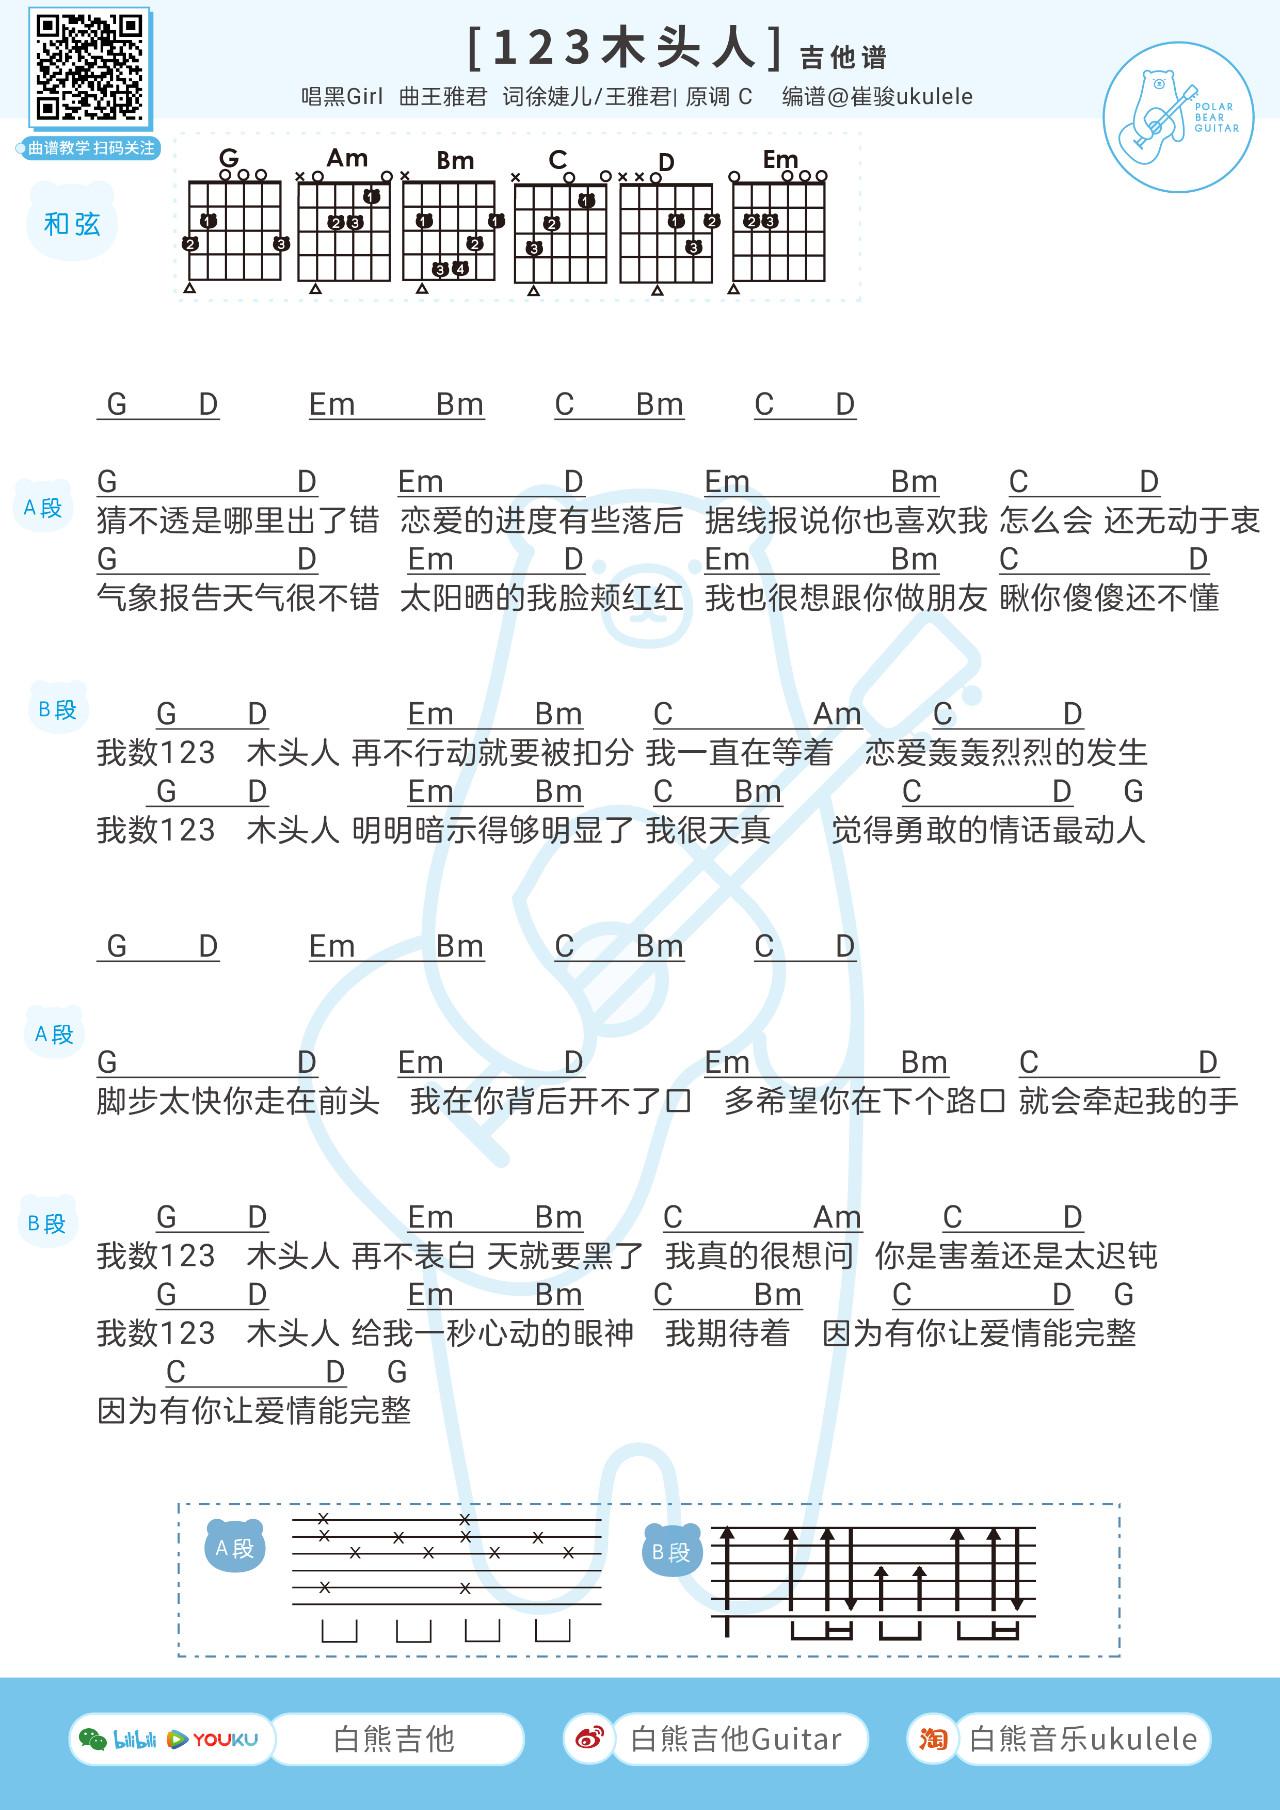 《123木头人》吉他谱